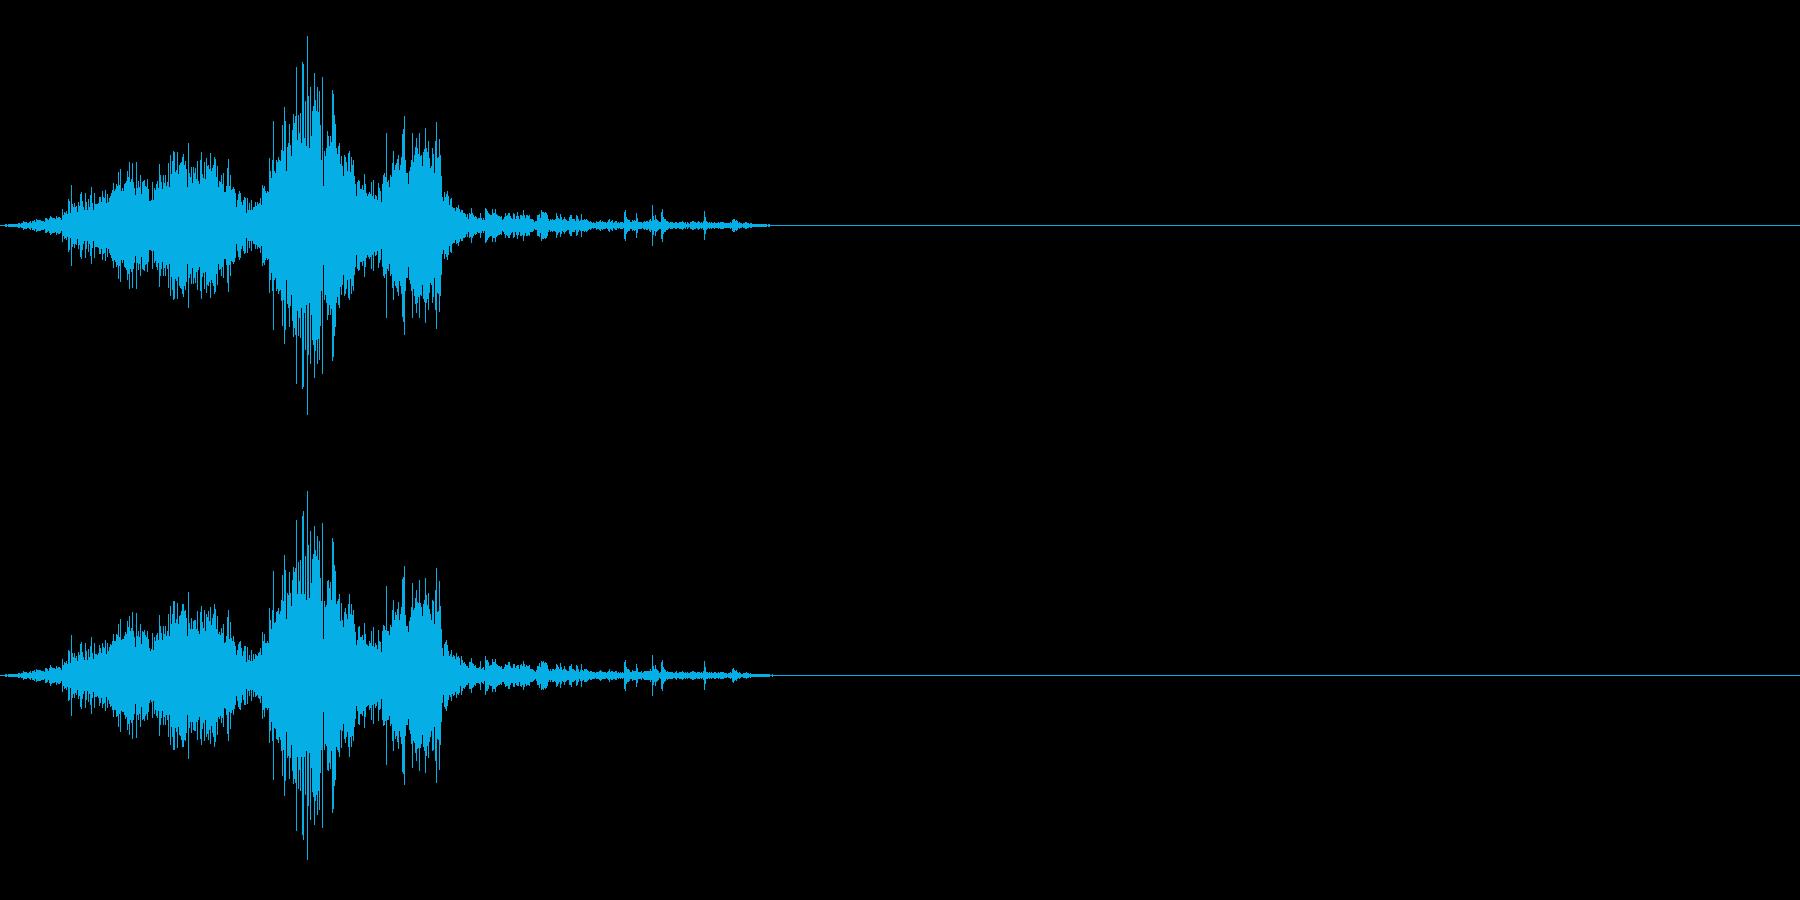 ザシュ!斬撃 刀で切った音 その5の再生済みの波形